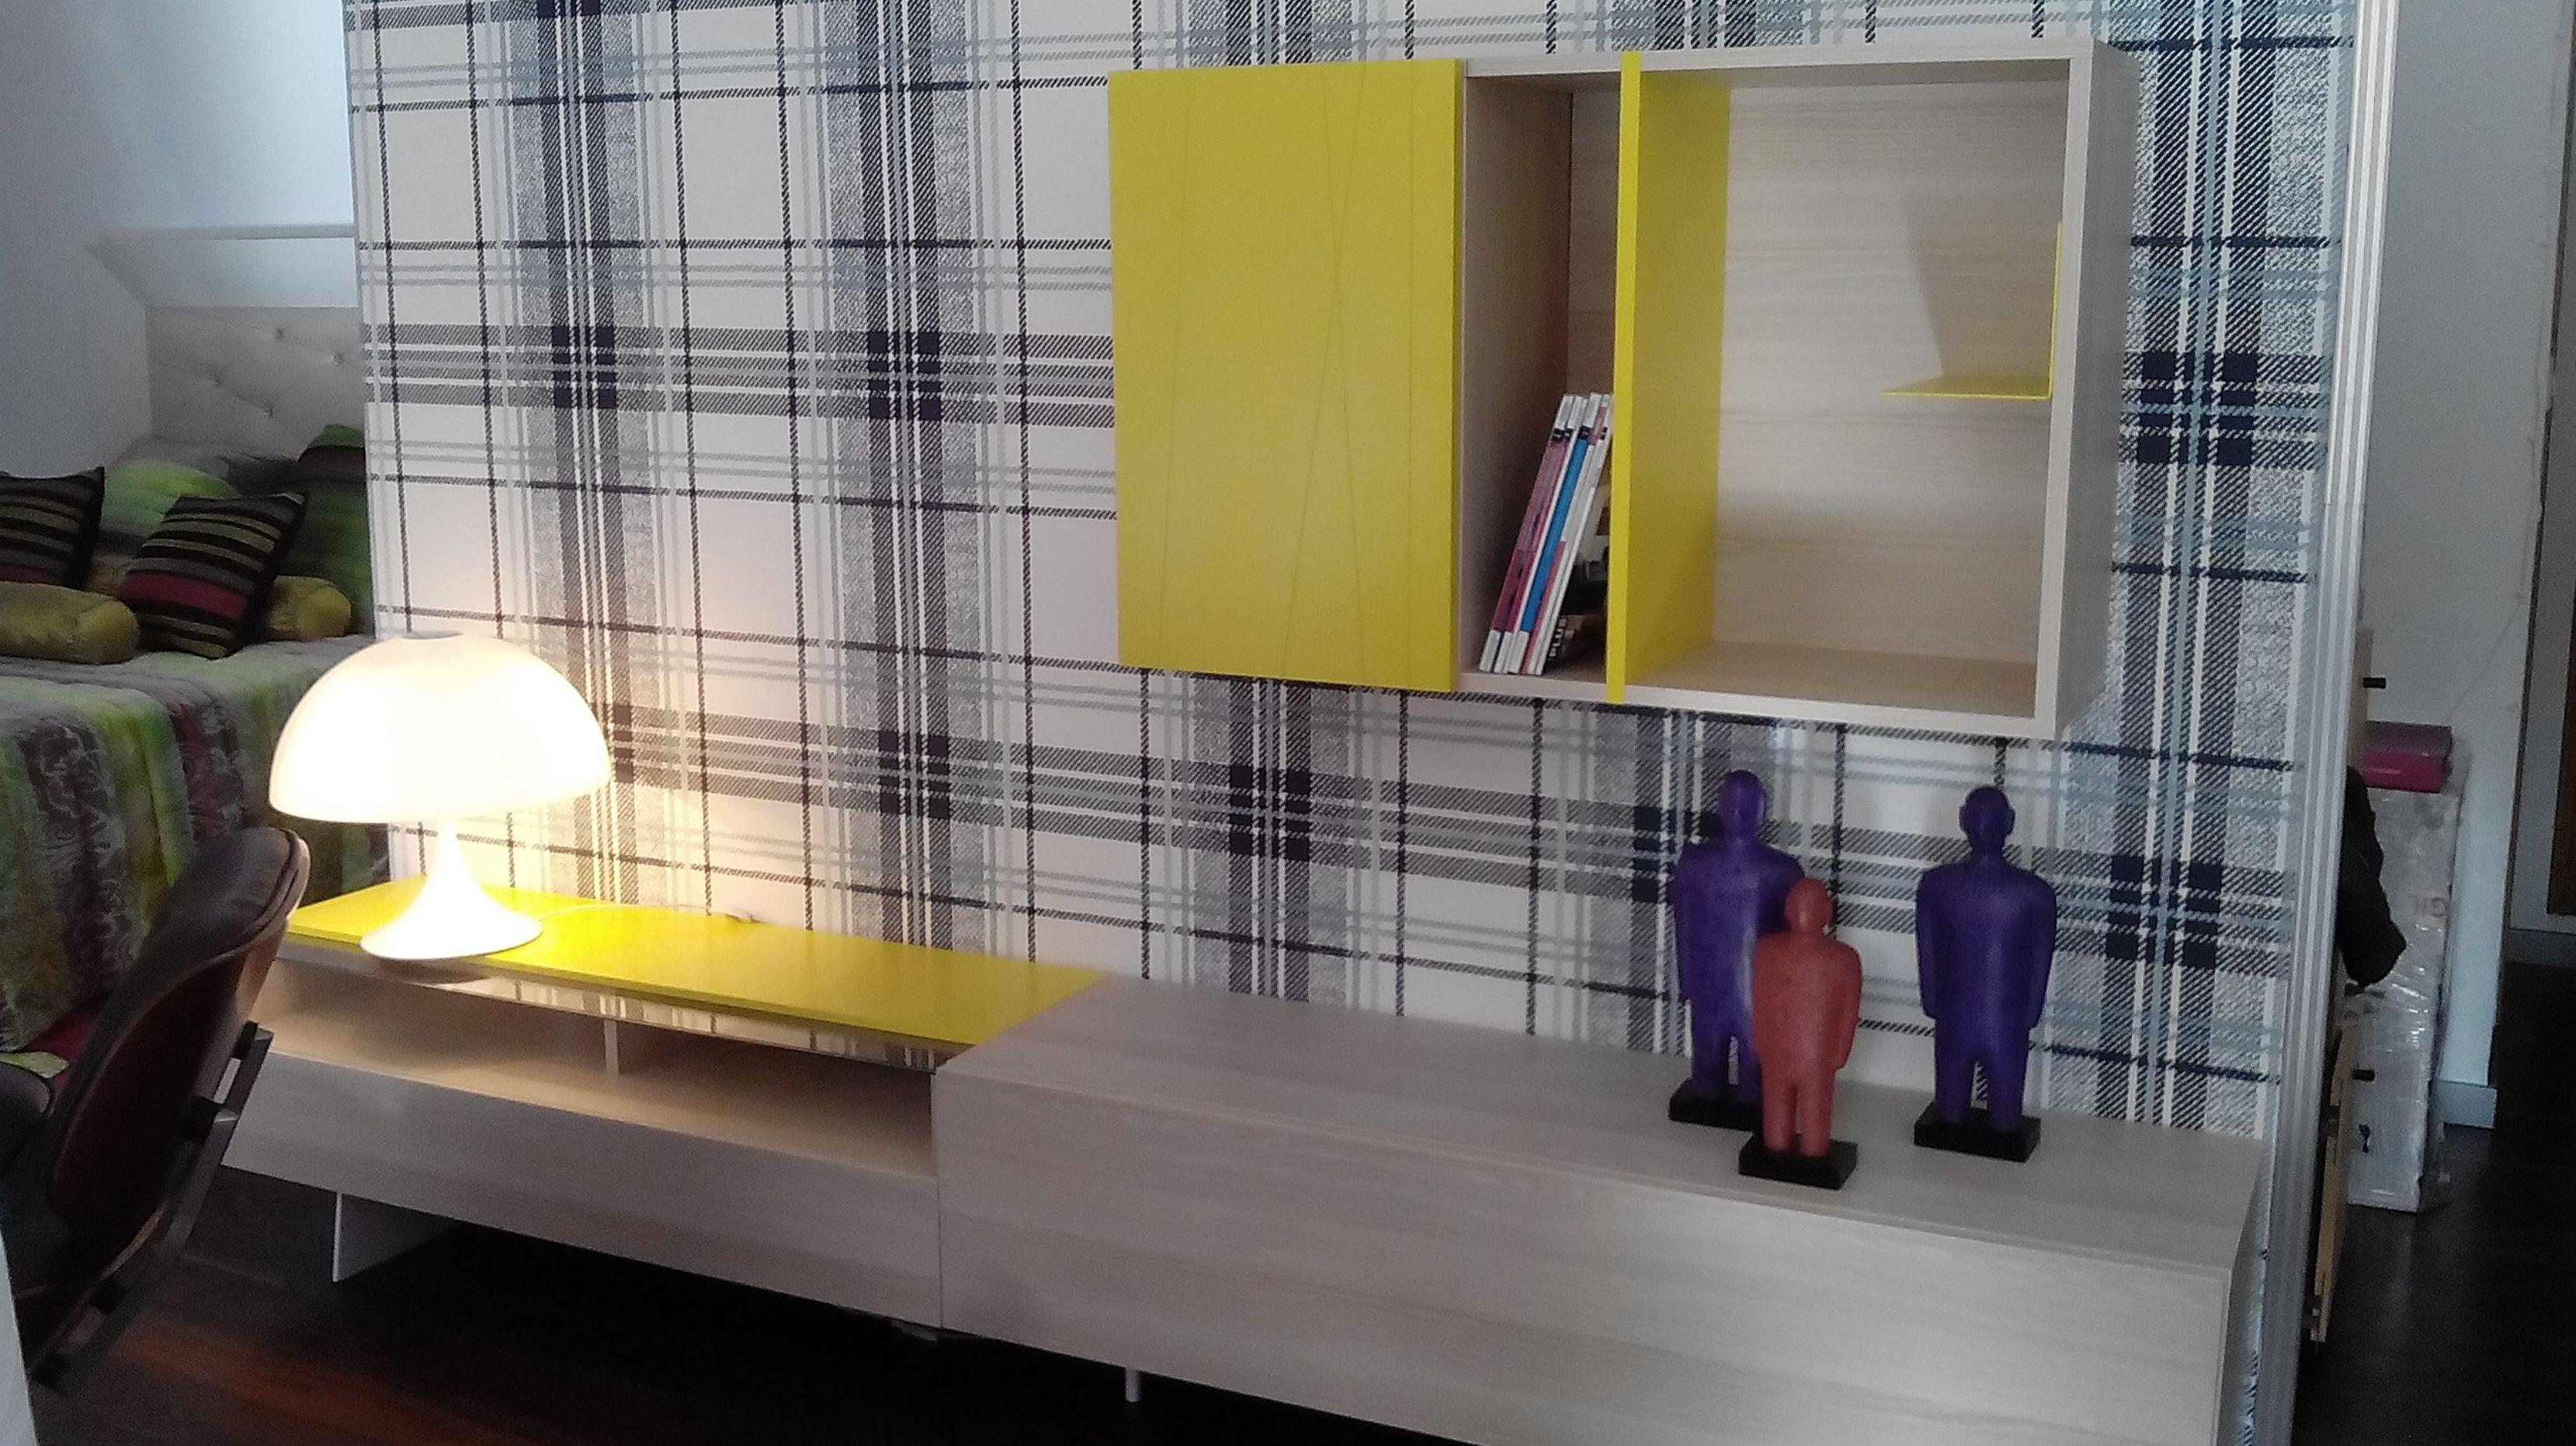 En Exposici N Mueble Estilo N Rdico # Muebles Getafe Avenida De Las Ciudades